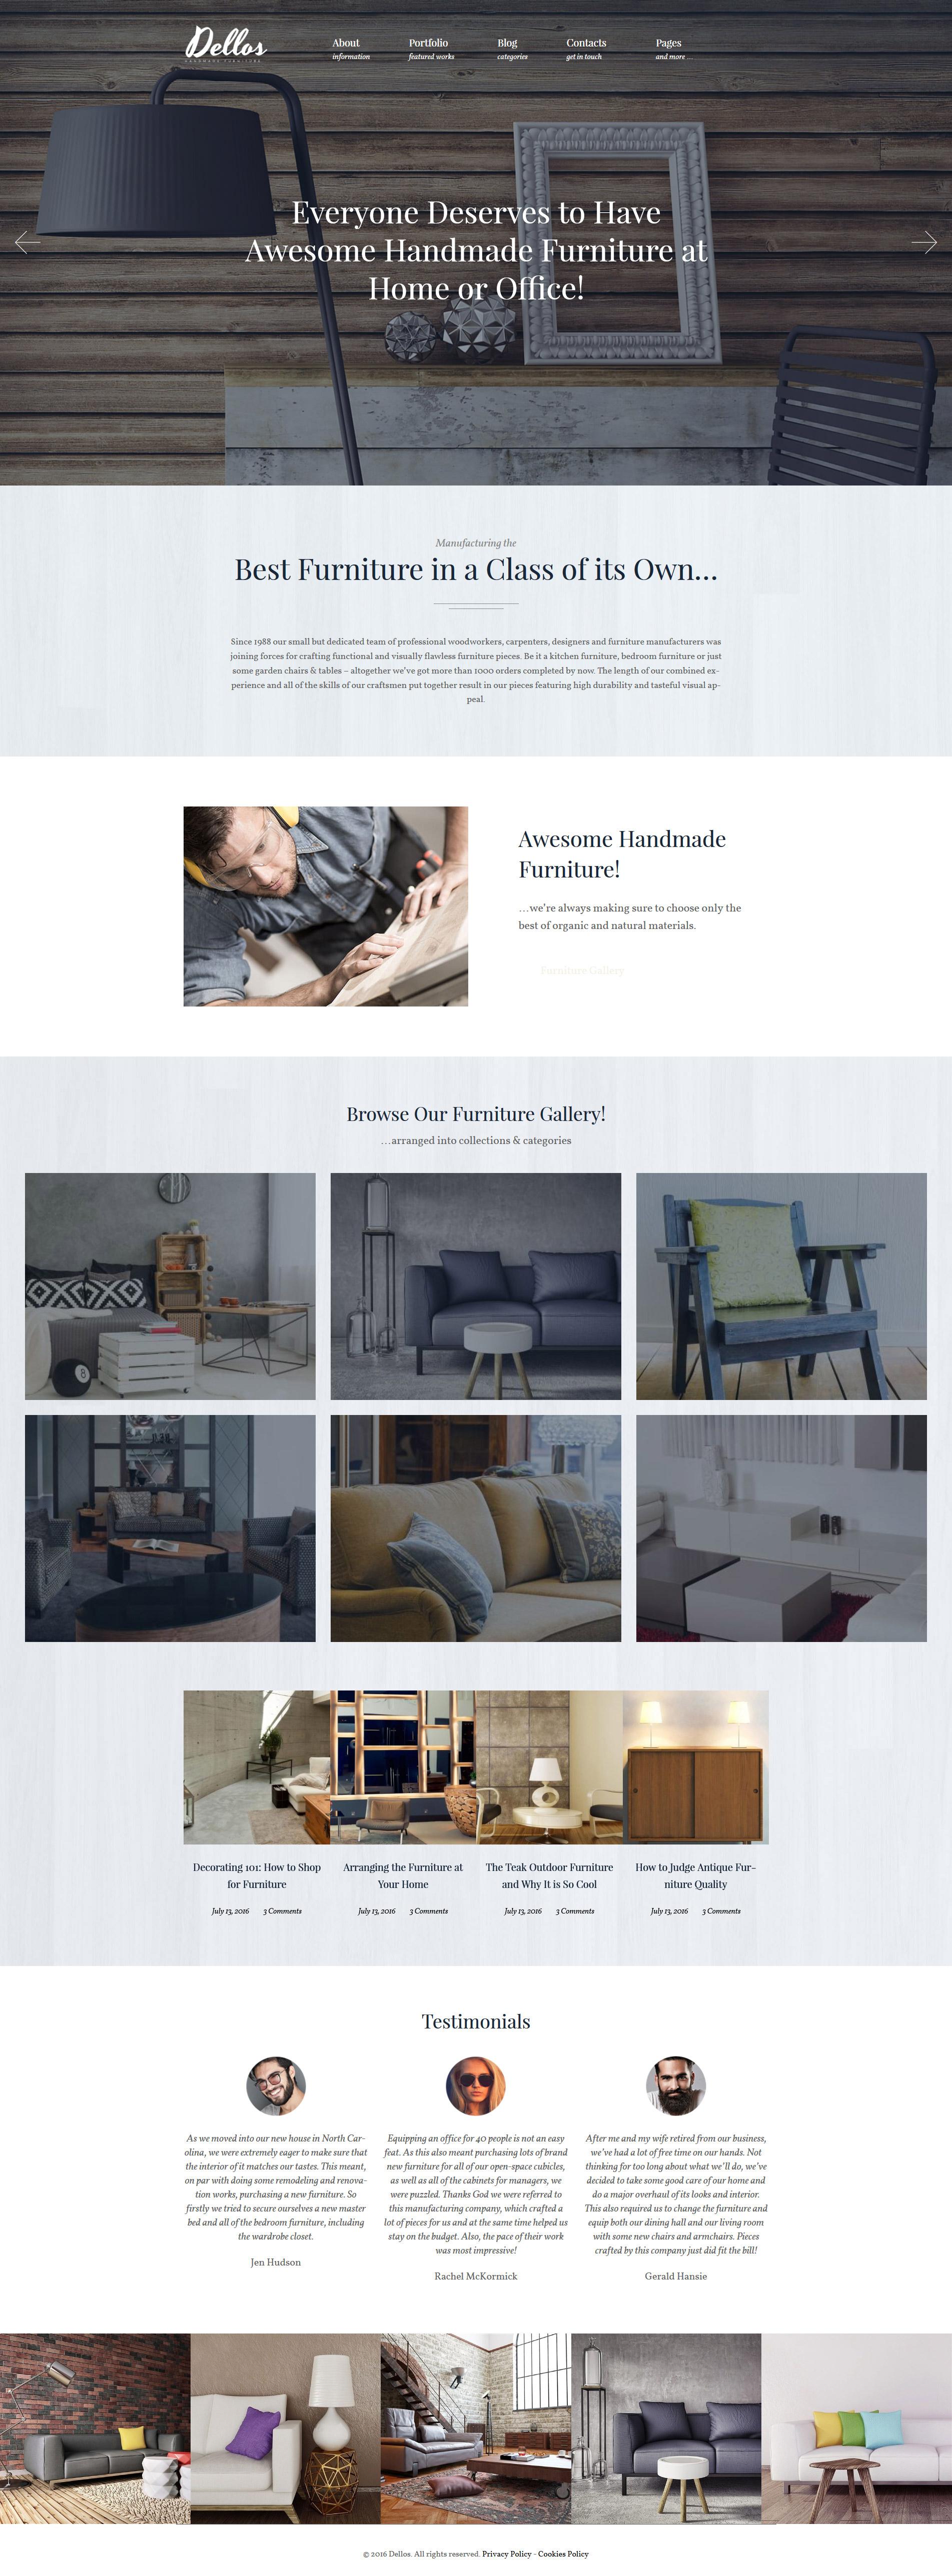 Dellos для сайта мебельного магазина №62116 - скриншот